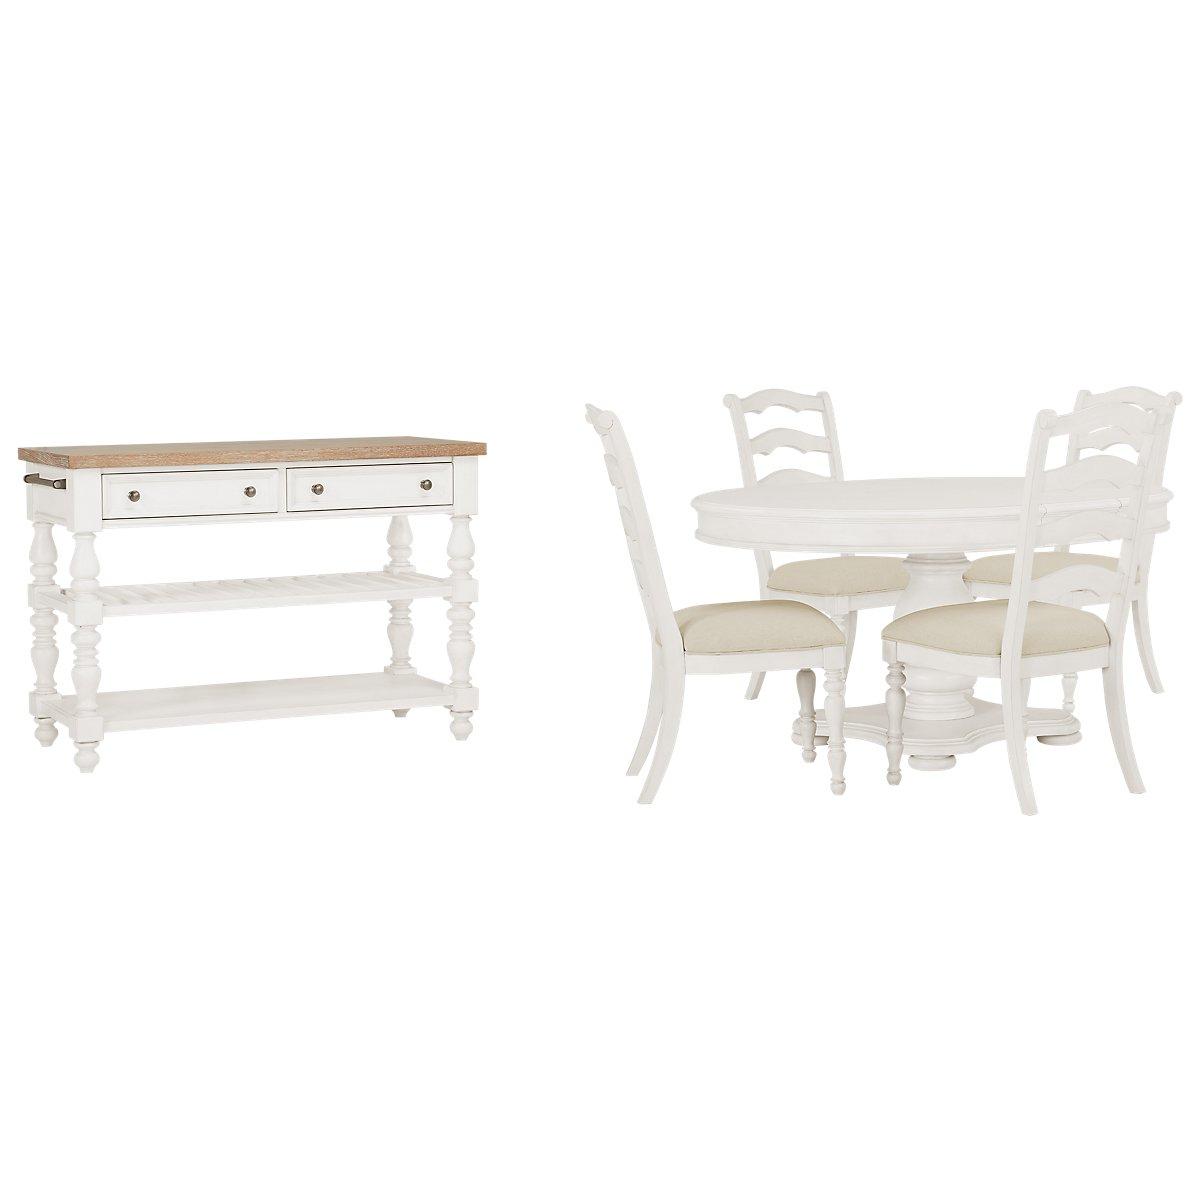 Savannah Ivory Wood Round Dining Room